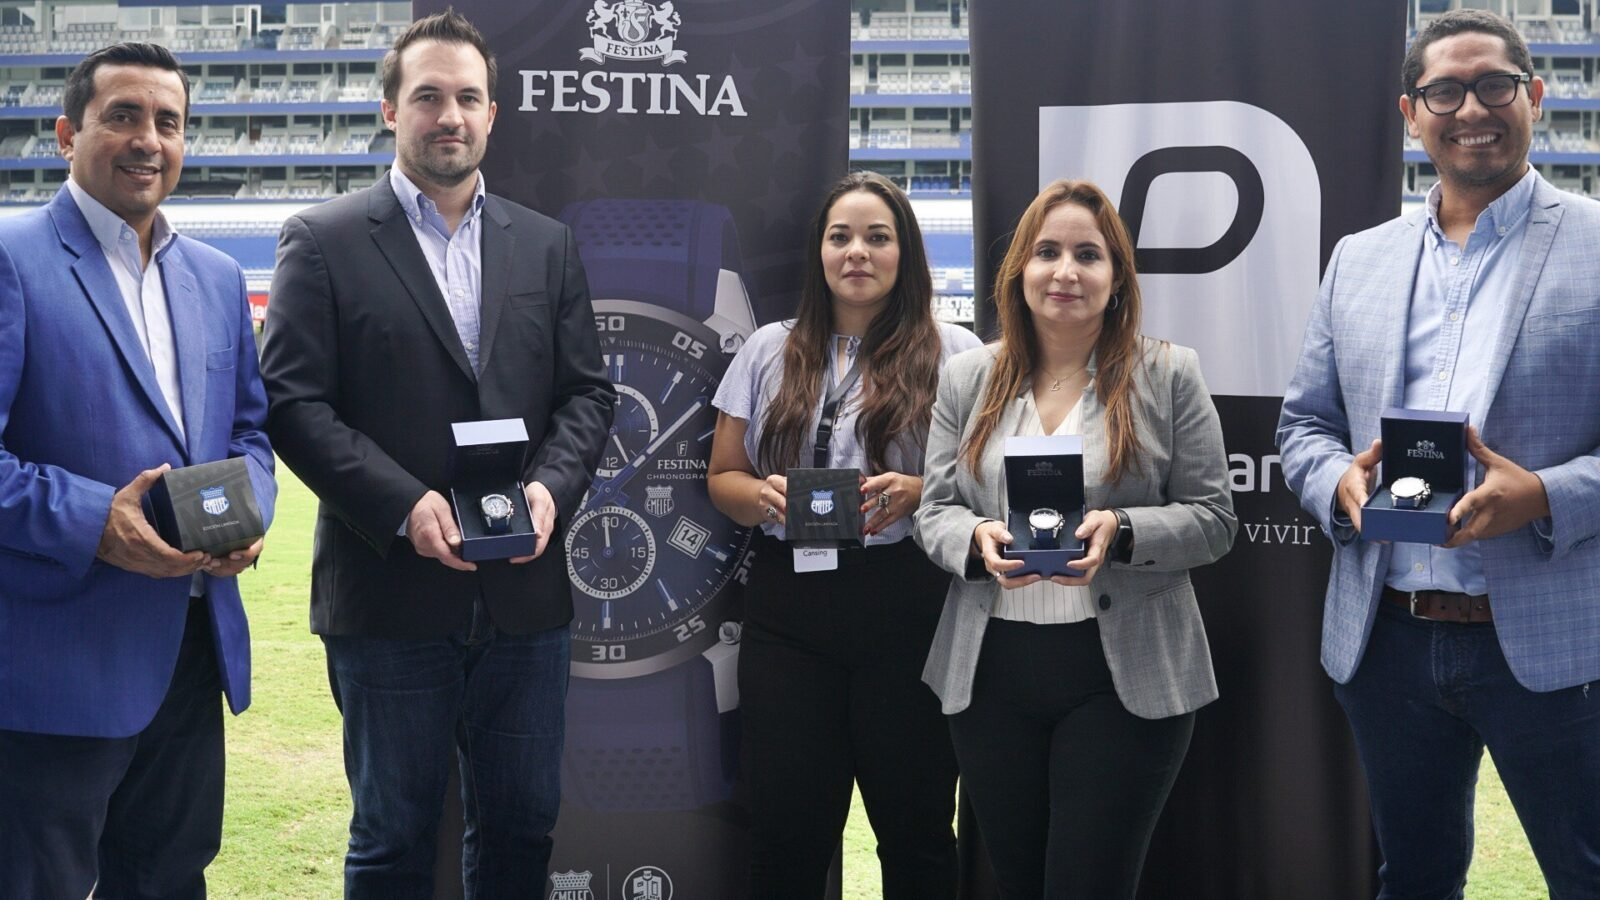 Festina lanza el reloj oficial de EMELEC por sus 90 años